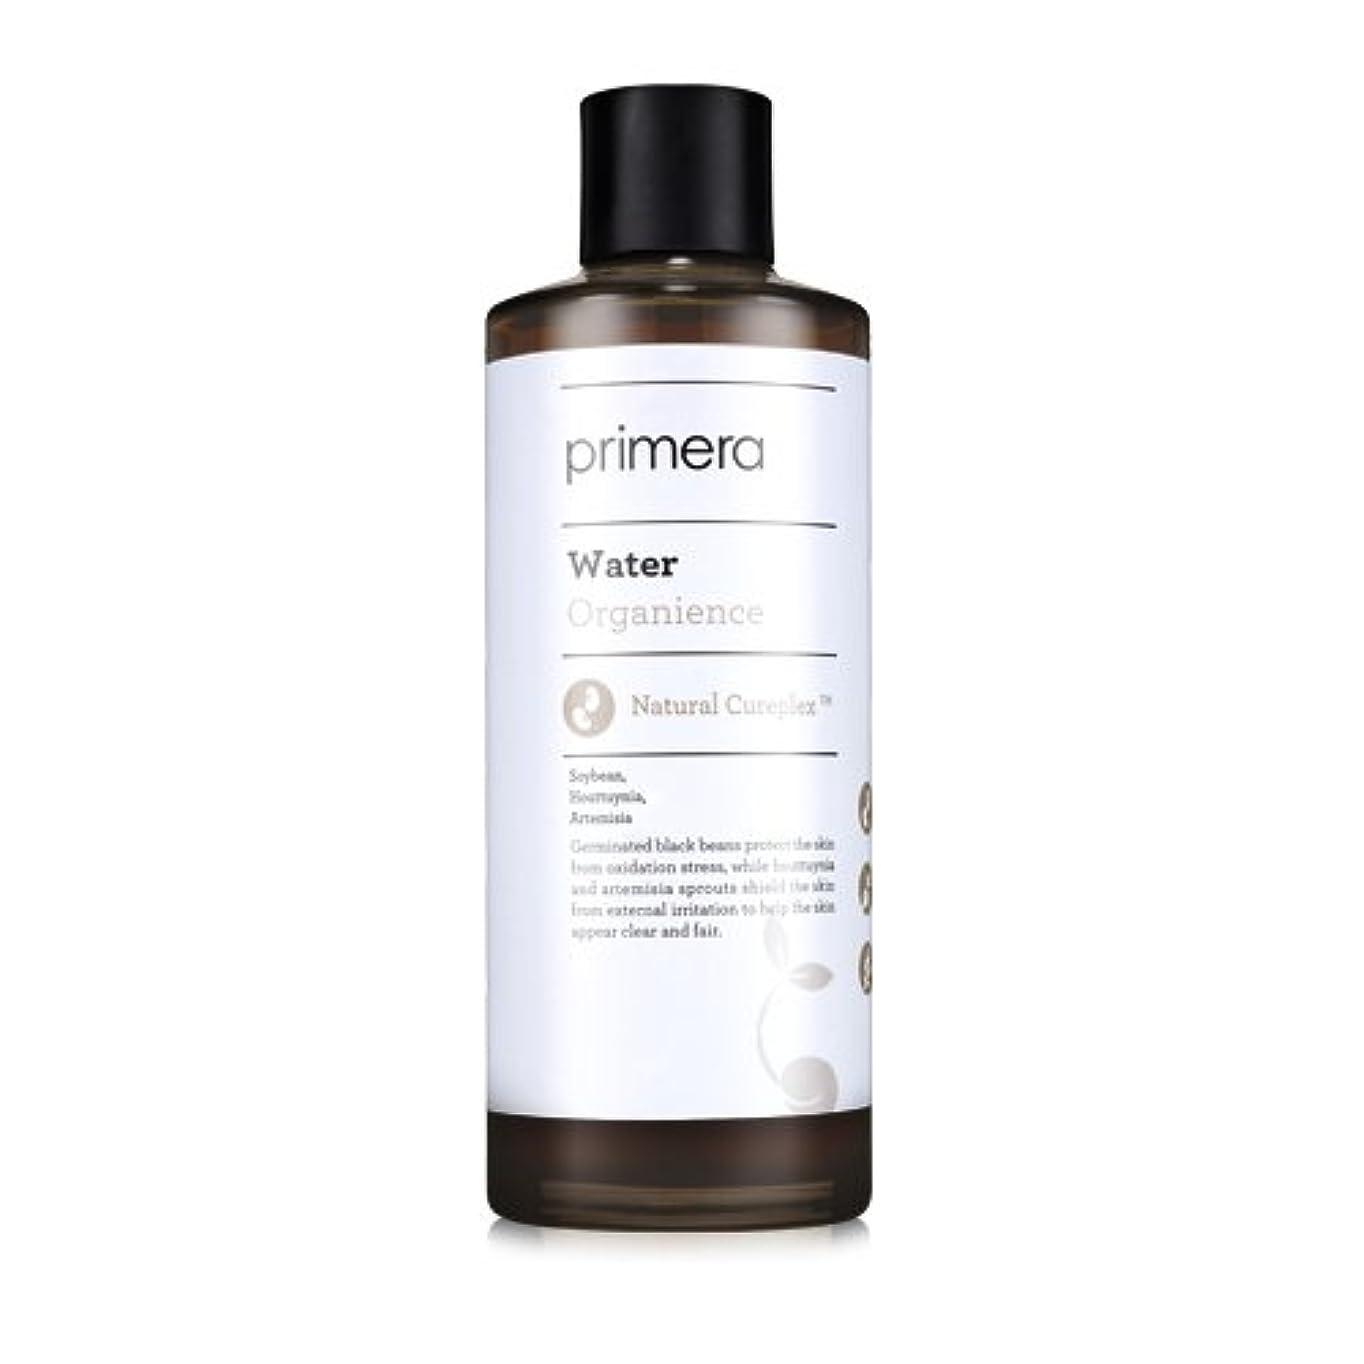 夢永久に数学PRIMERA プリメラ オーガニエンス エマルジョン(Organience Emulsion)乳液 150ml